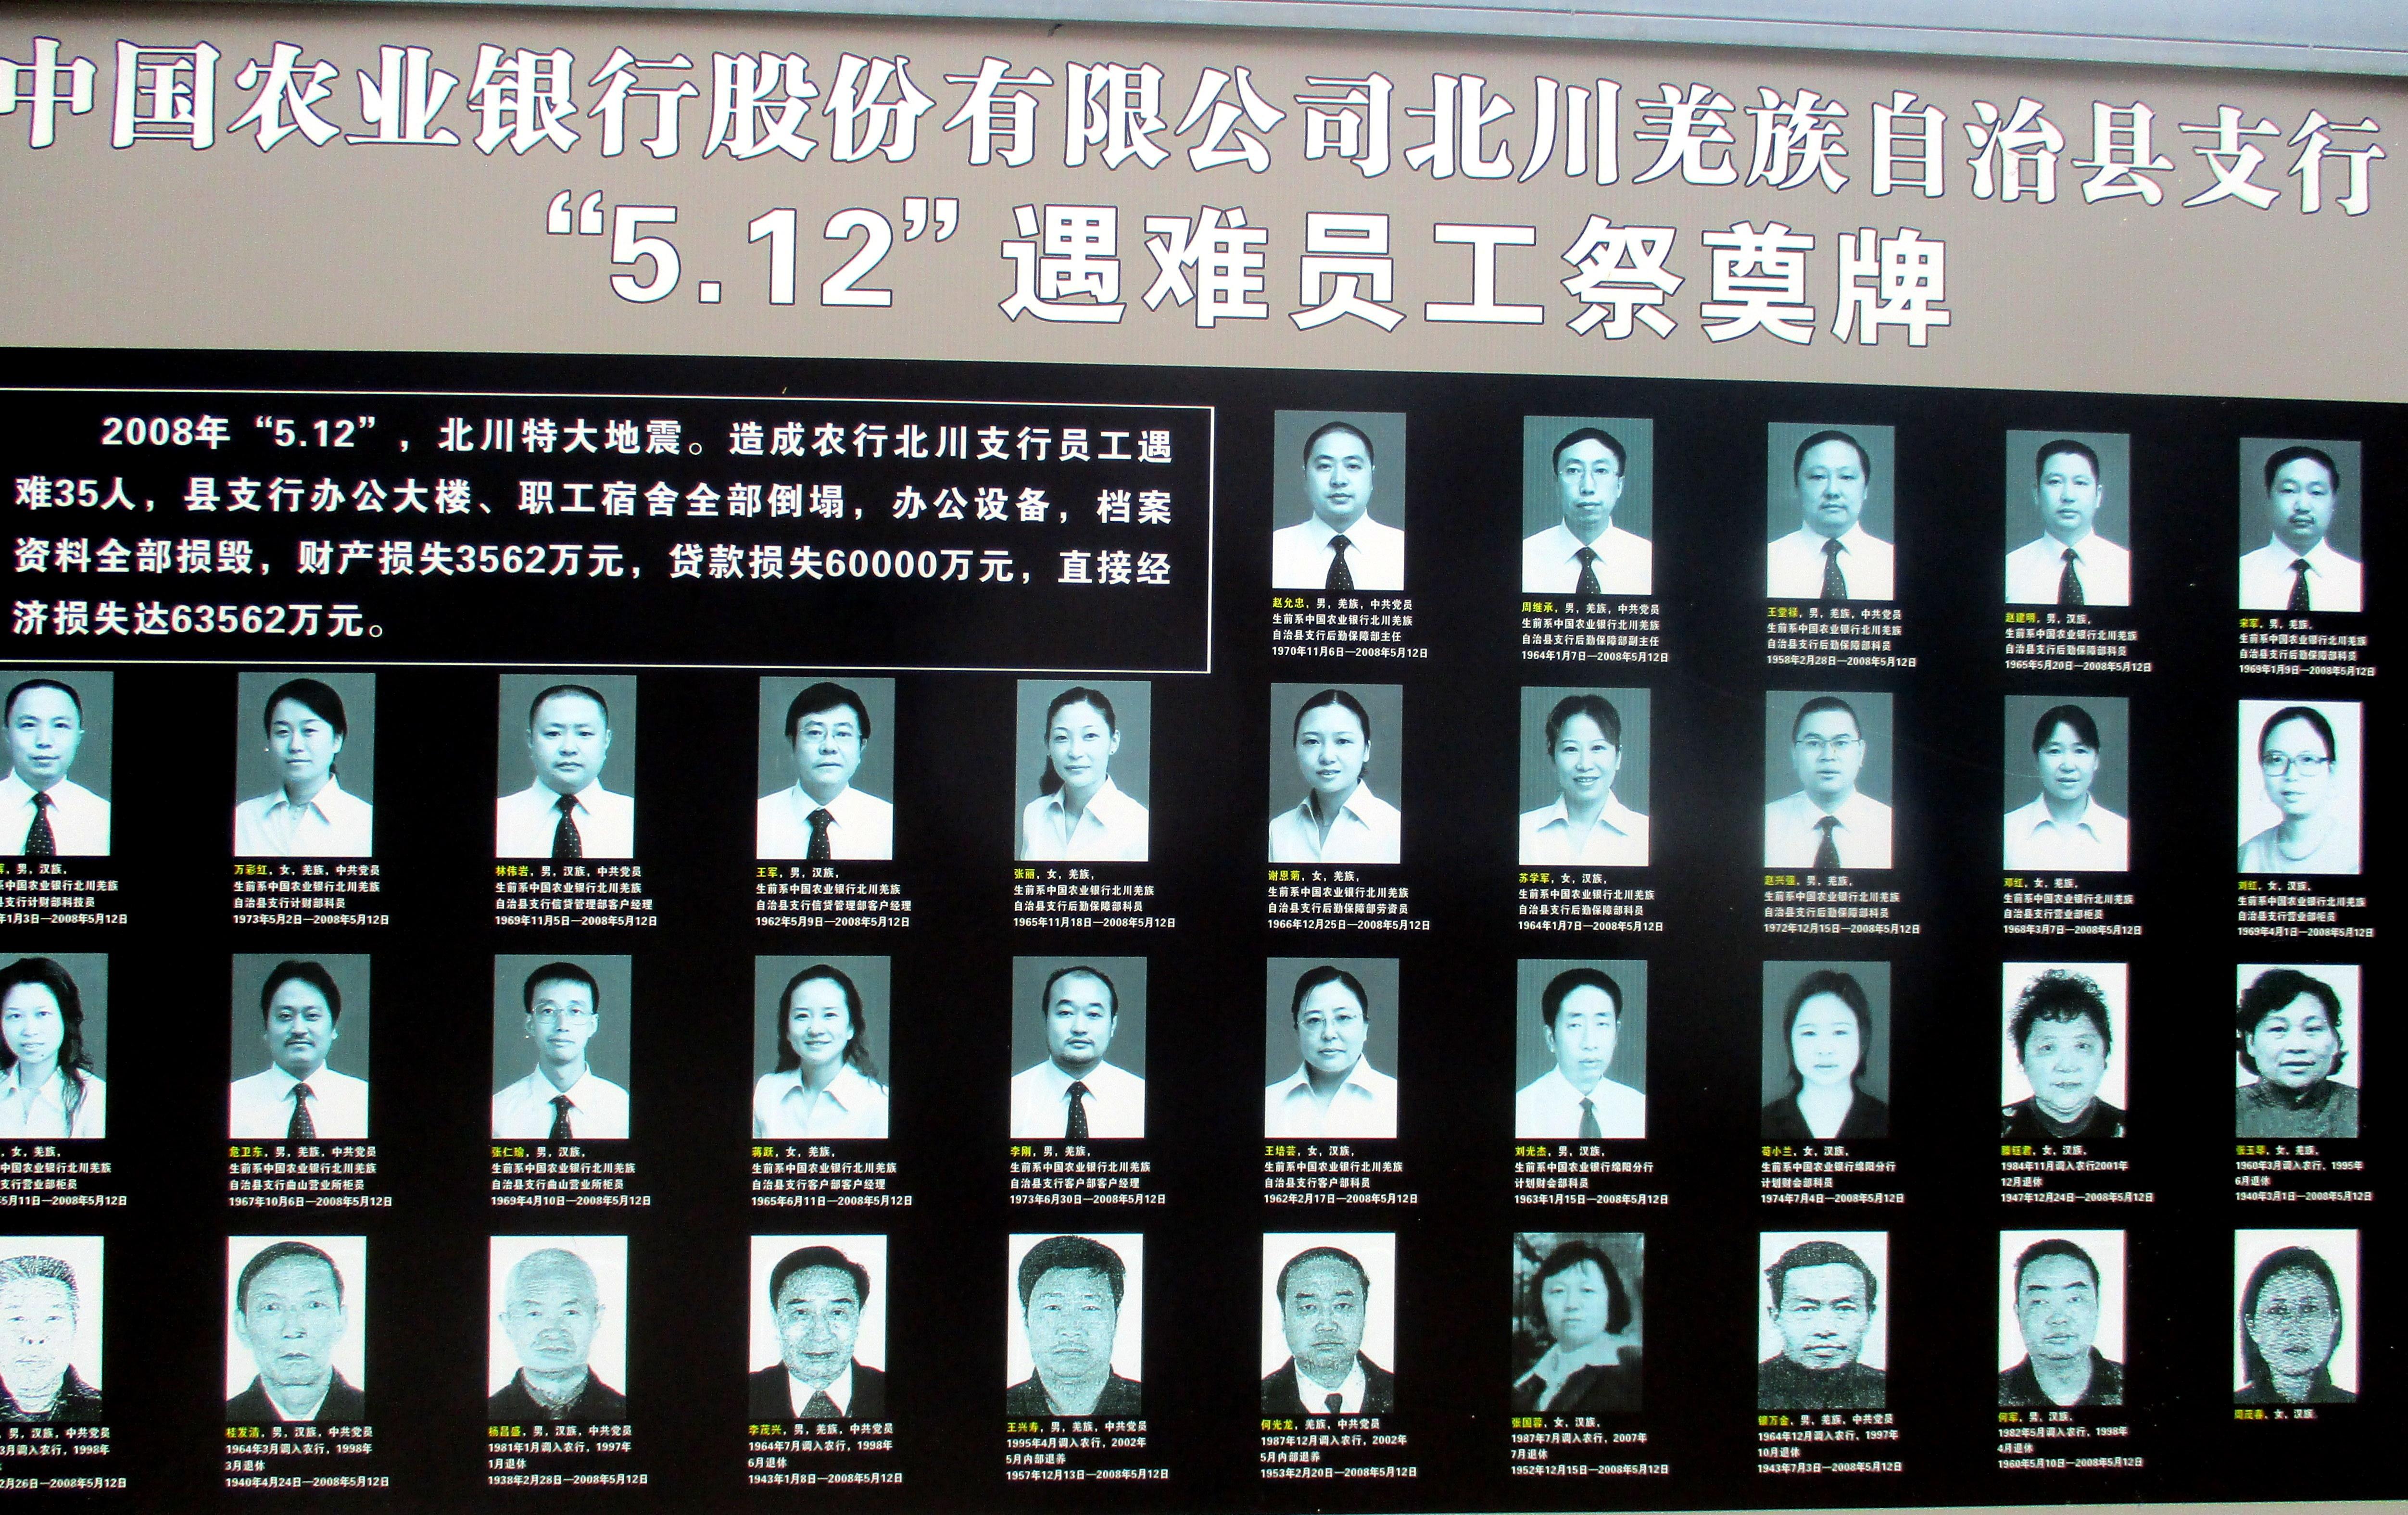 Frente a algunos edificios, especialmente los estatales, hay fotografías de quienes perecieron en ellos. Este es el grupo de quienes murieron en el Banco de Agricultura, donde trabajaba la mujer con quien esta historia comienza. Beichuan, Provincia de Sichuan.